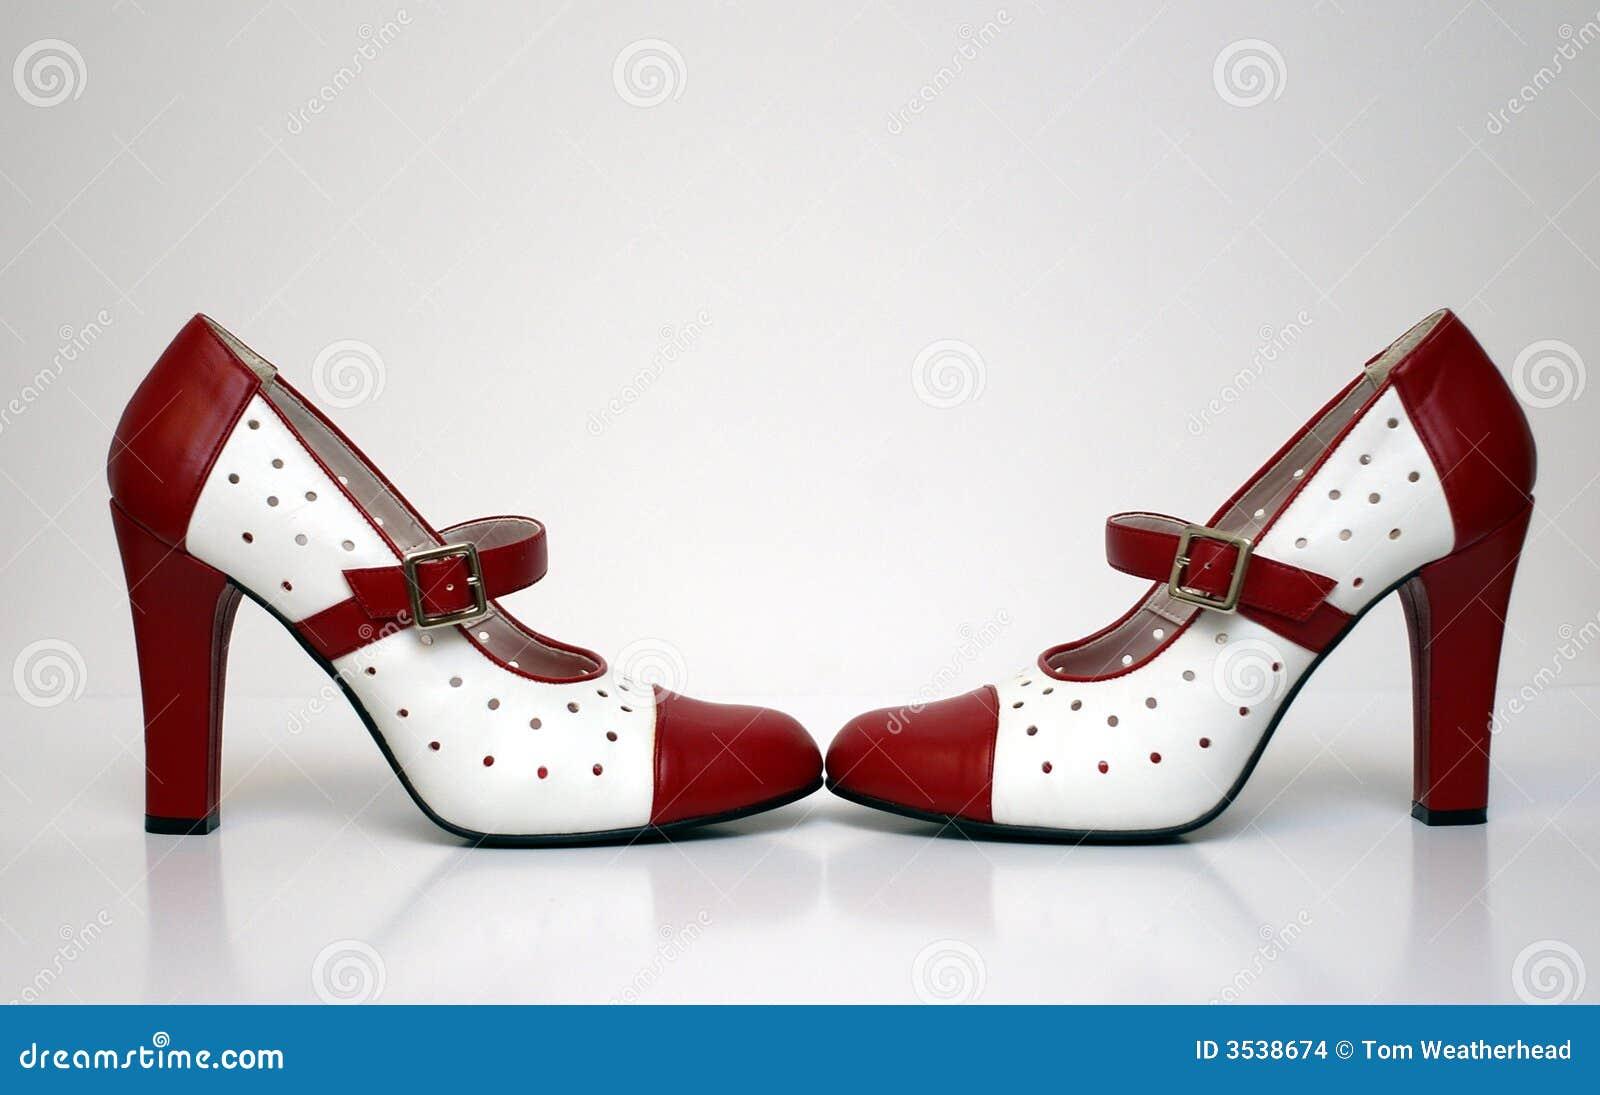 Tep à botter avec la pointe du pied